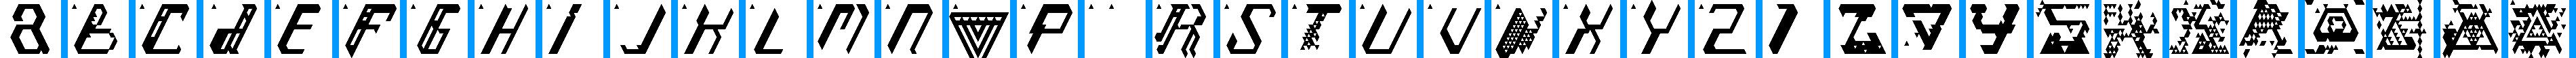 Particip-a-type v.274